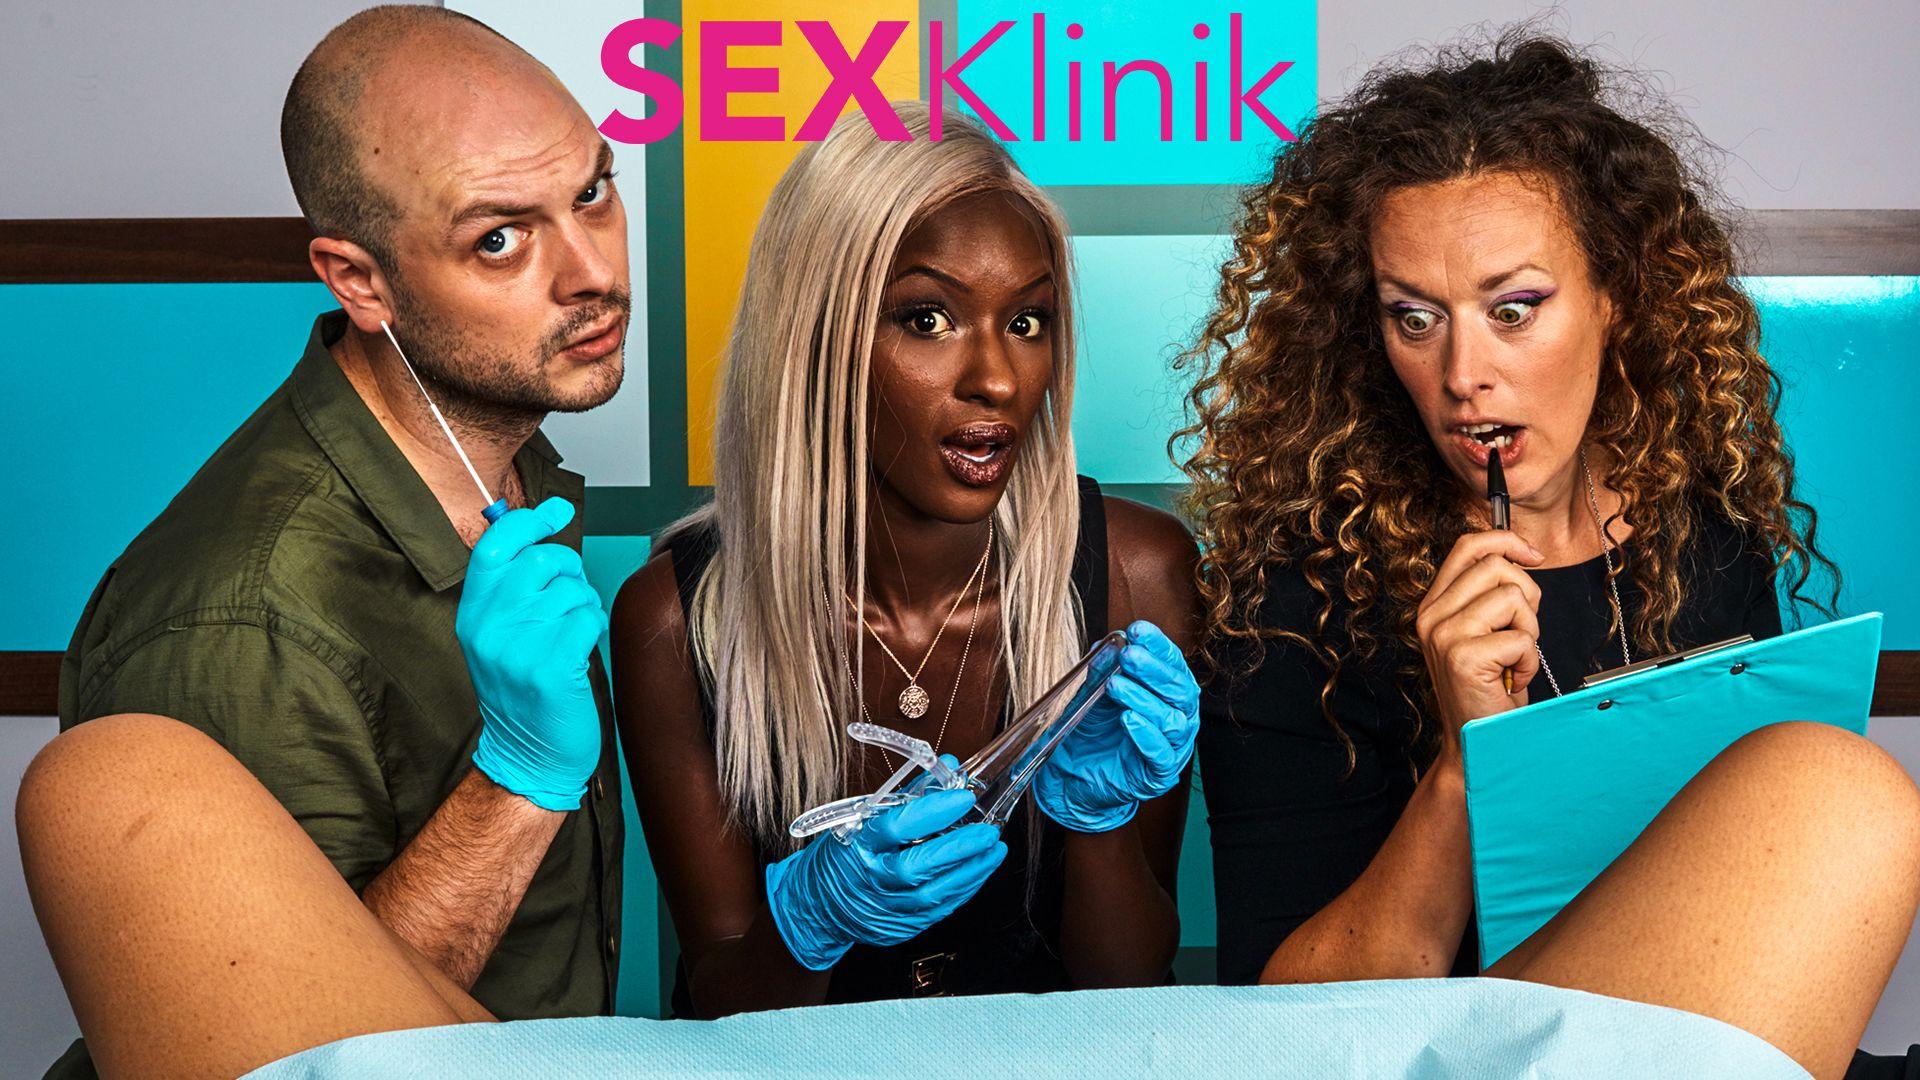 Sex Klinik- Jetzt ansehen